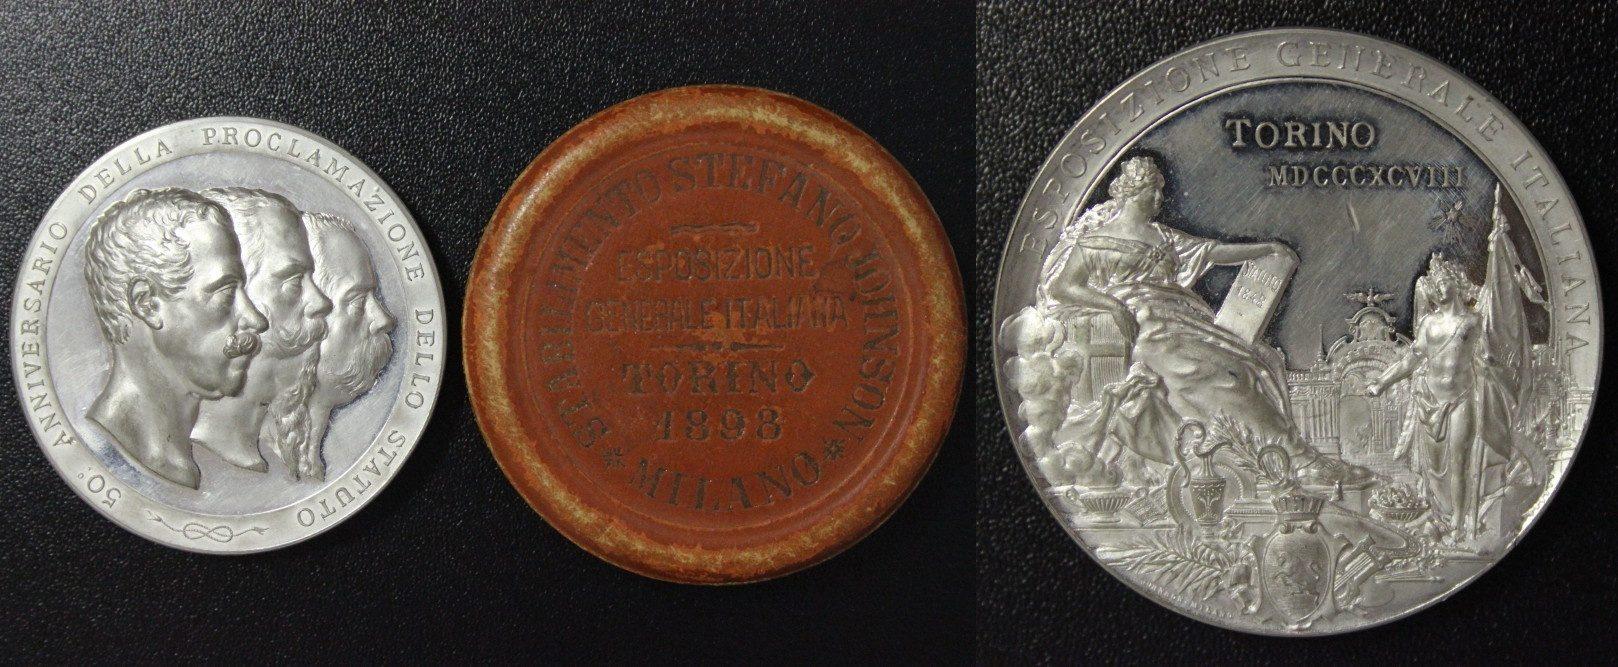 Medaille/ incl. Original-Schatulle 1898 Italien - Turin Zur allgem. Italienischen Ausstellung in Turin vz-st/Kr./l.ber.